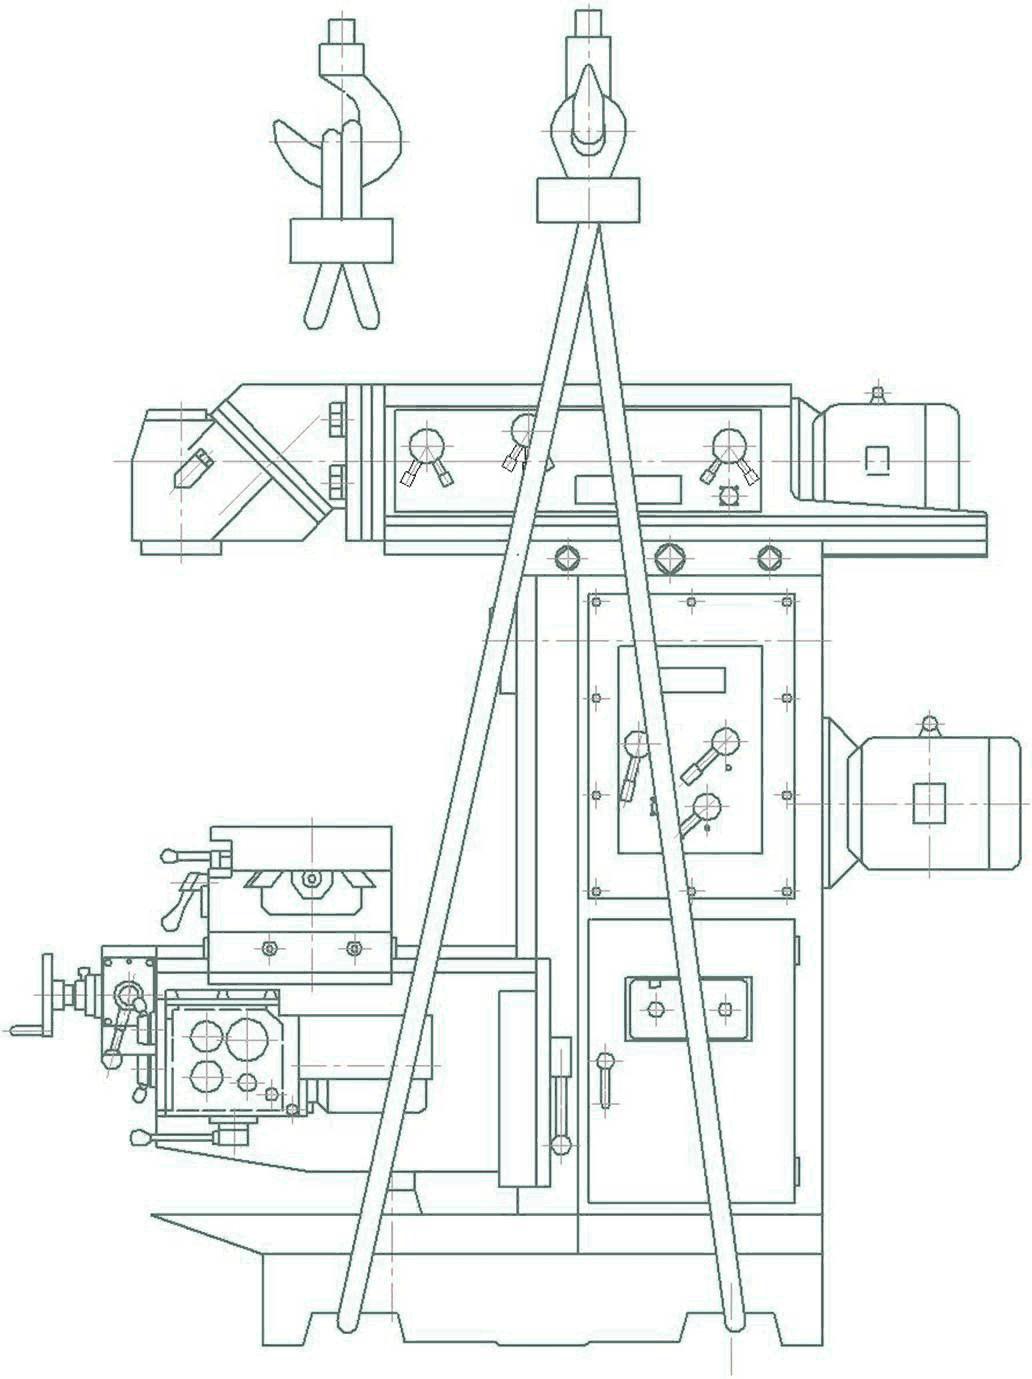 Транспортирование широкоуниверсального фрезерного станка ФУ-1600/500